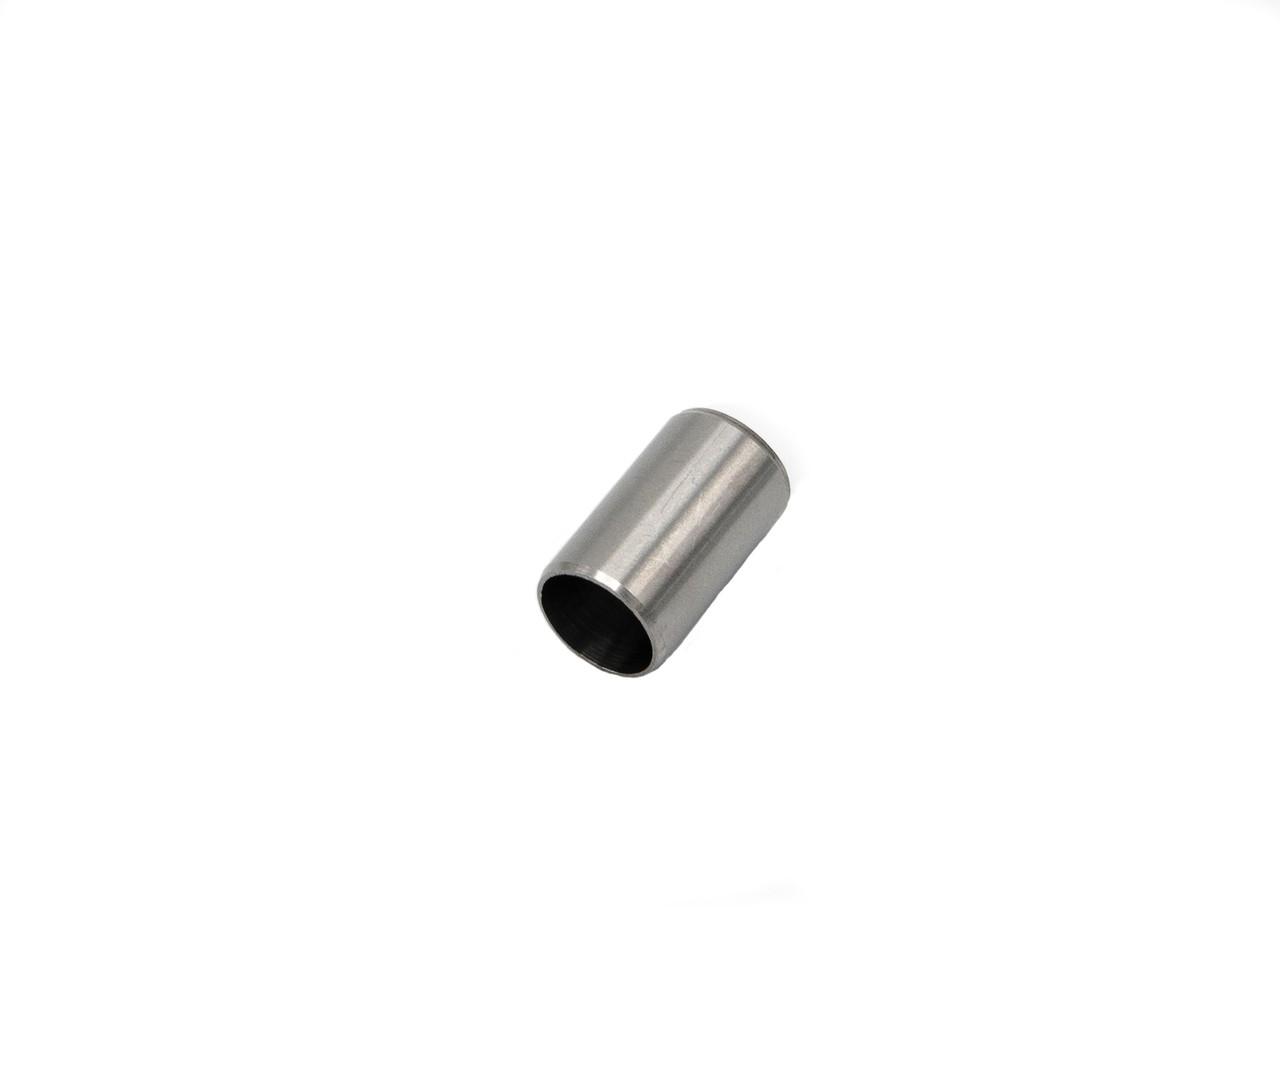 DJ-3400 Dowell Pin Cyl. Head GX390 12mm